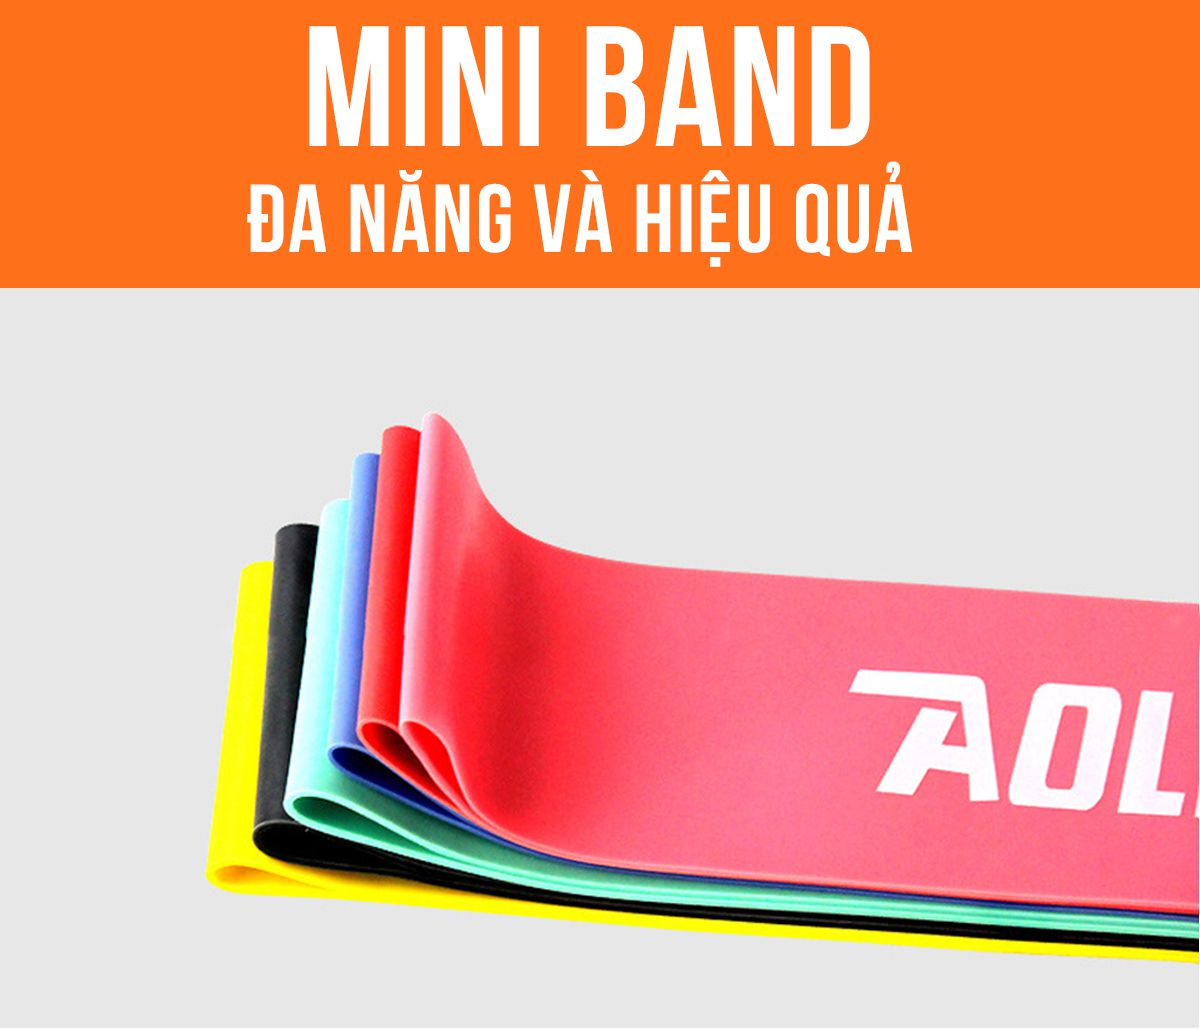 Bộ 6 dây kháng lực mini band aolikes hỗ trợ tập mông hiệu quả, nhập khẩu chính hãng, giá rẻ hà nội tphcm...